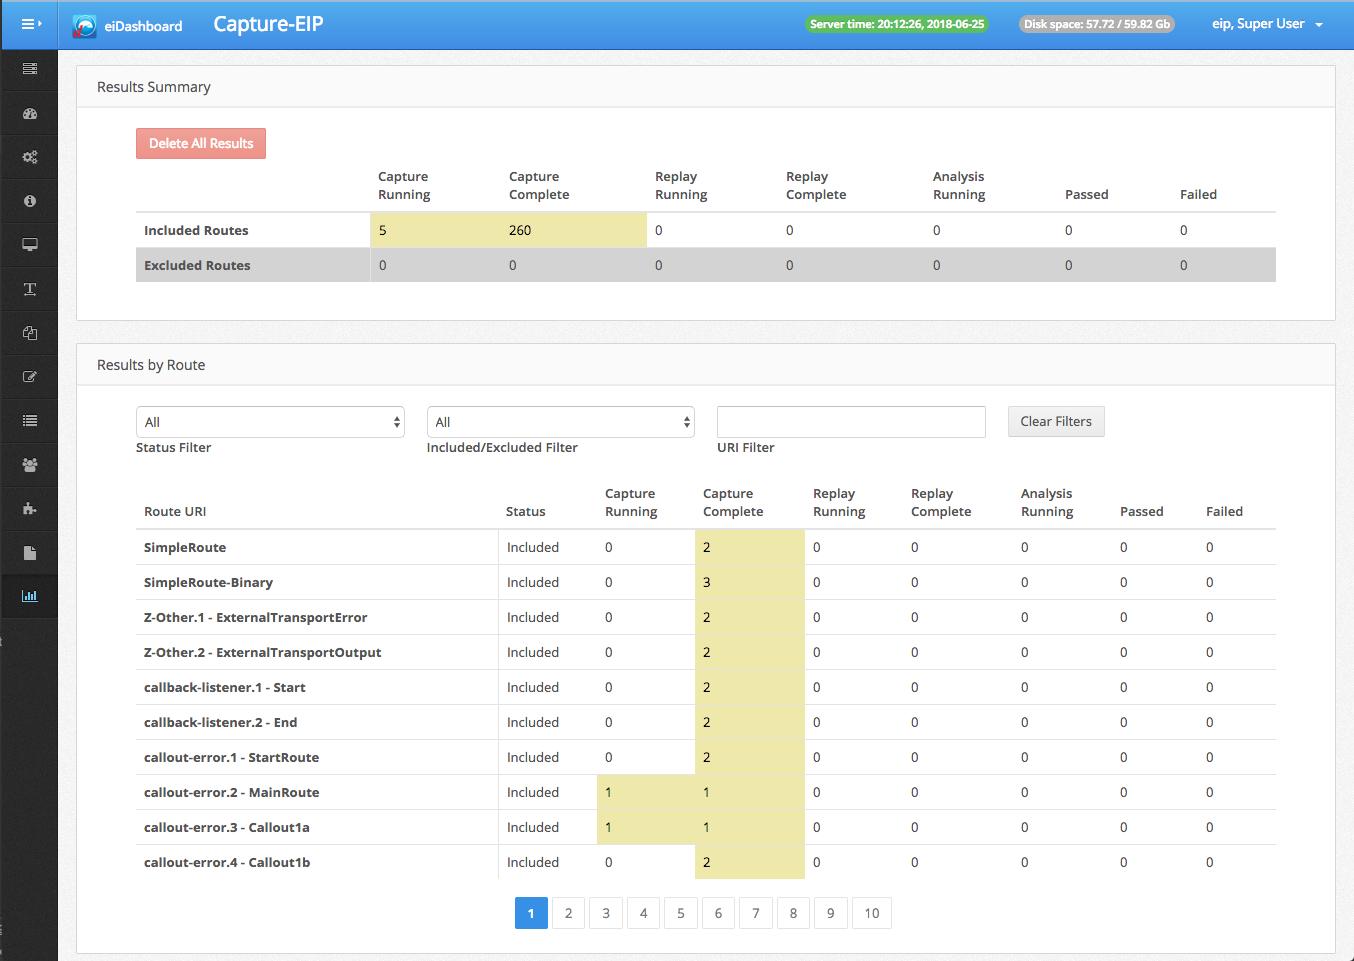 eiPlatform result summary screenshot